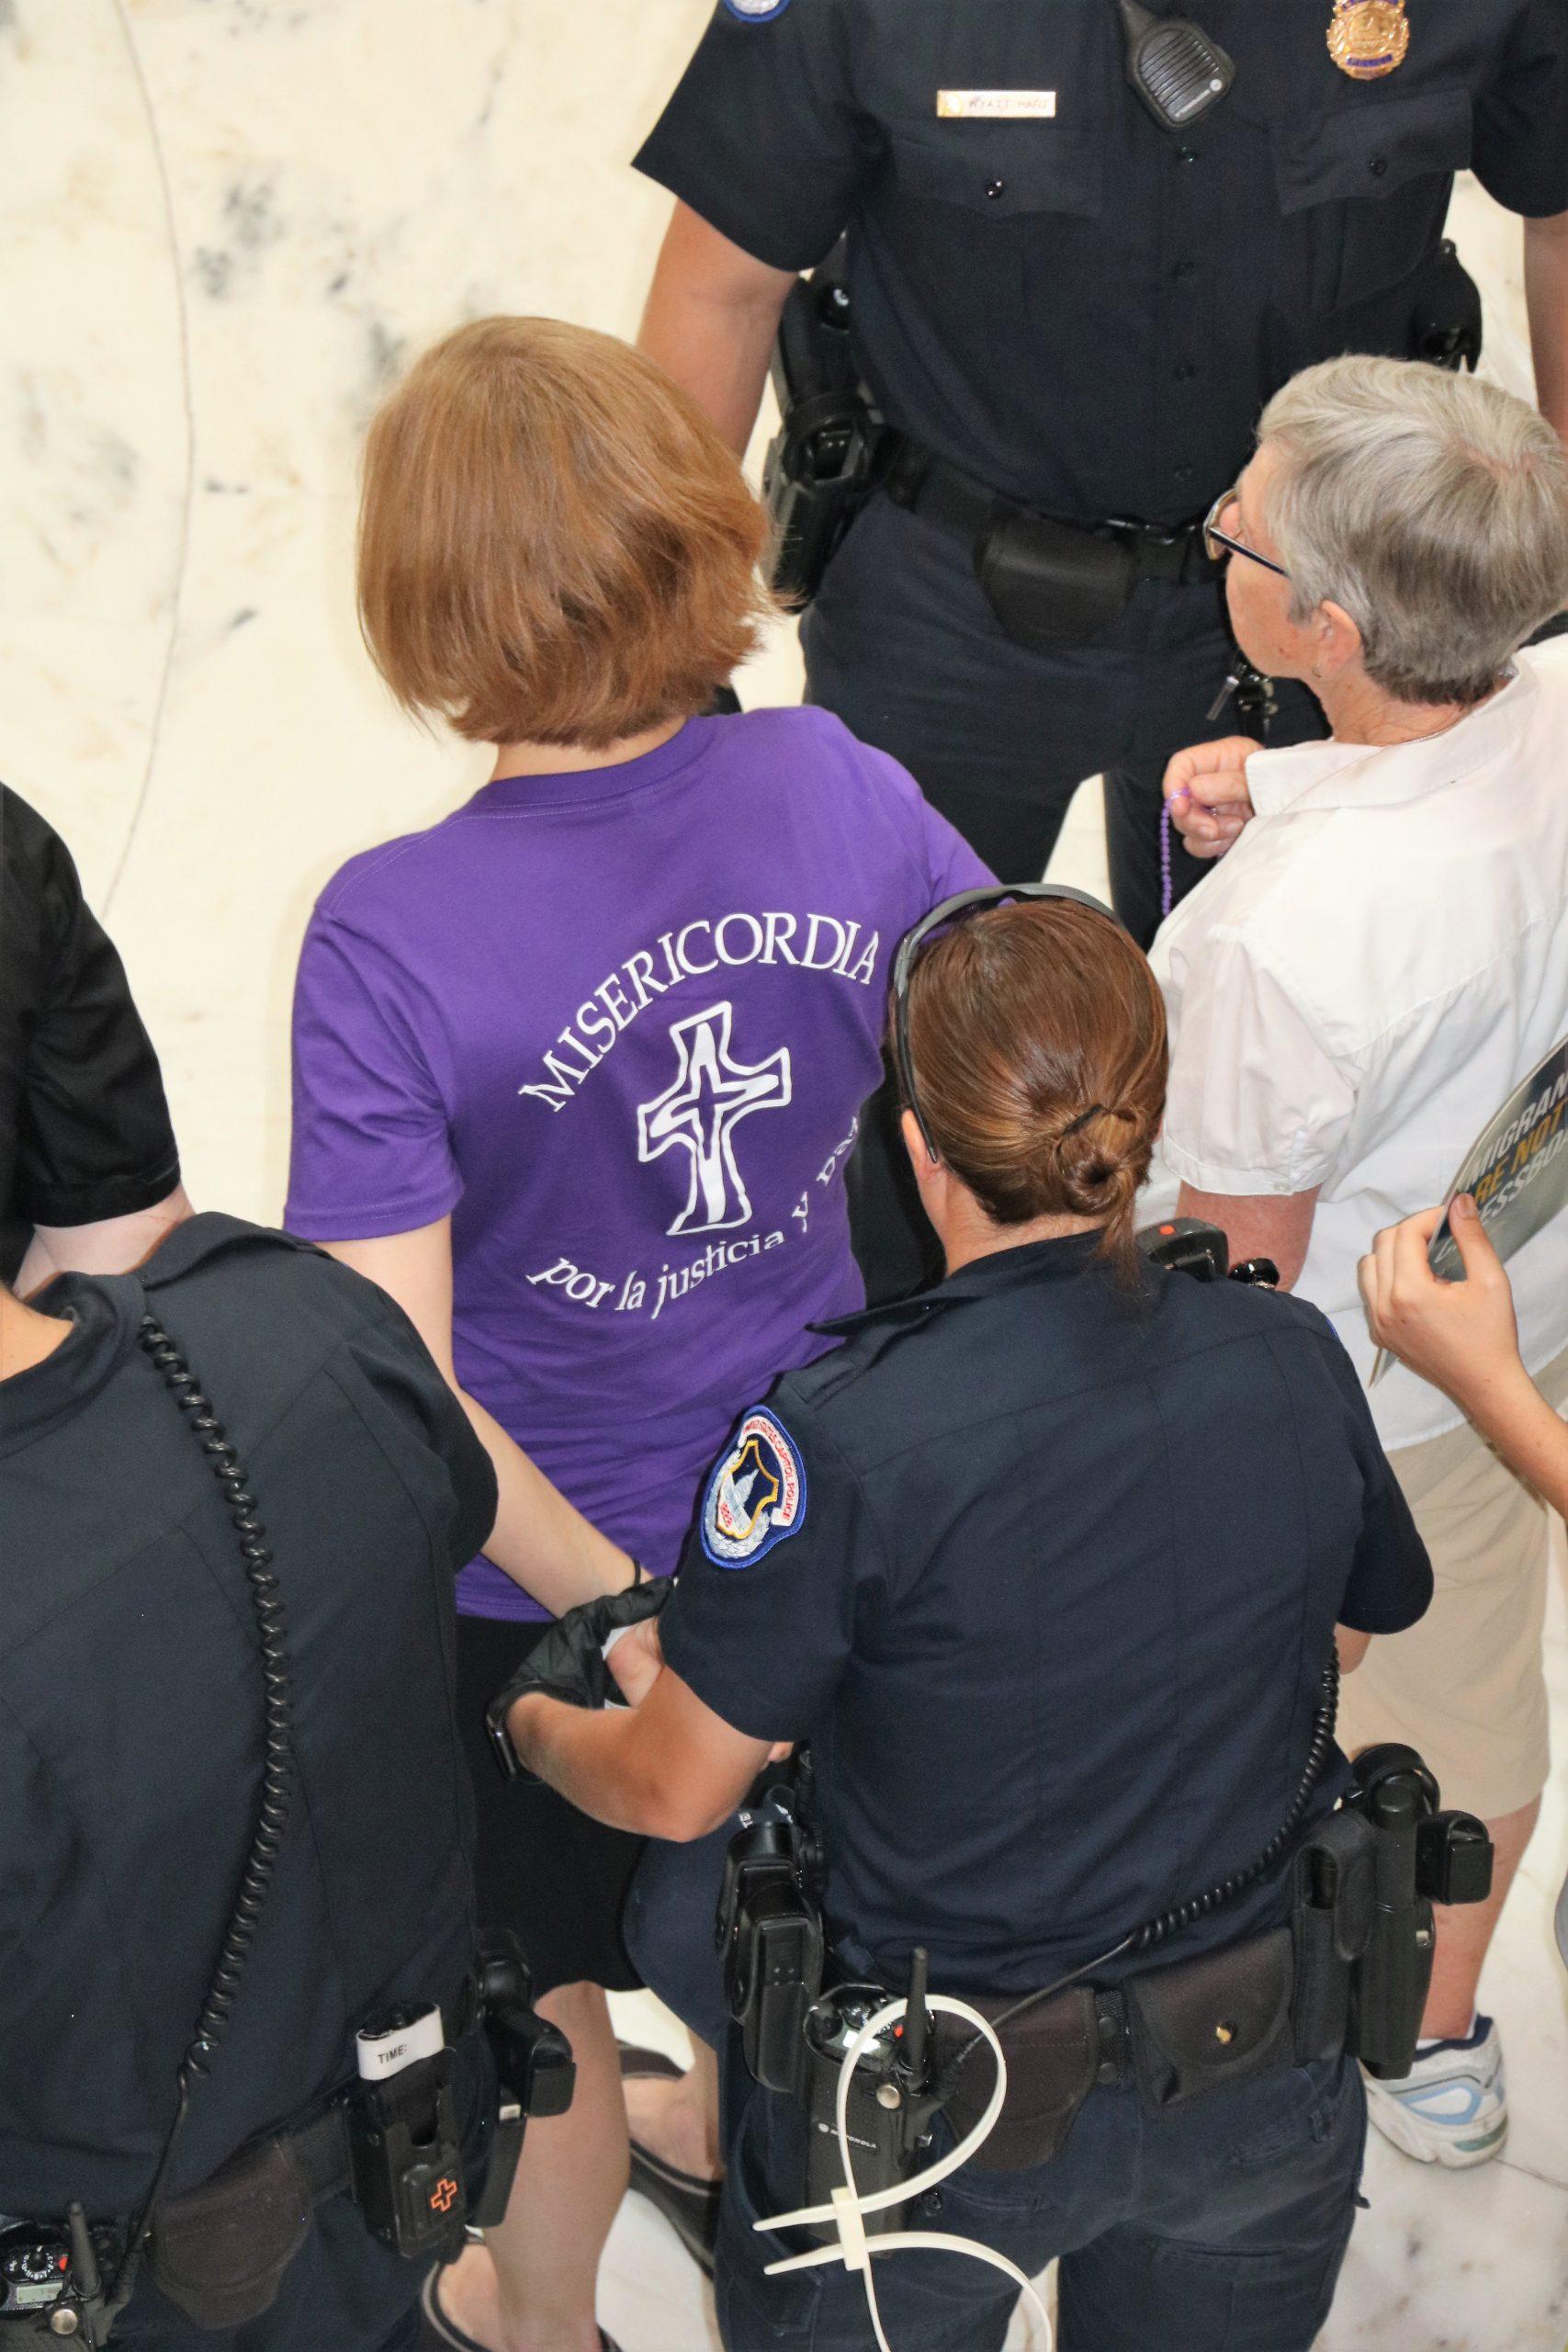 La autora, Julie Bourbon, detenida el Día de Acción Católica.